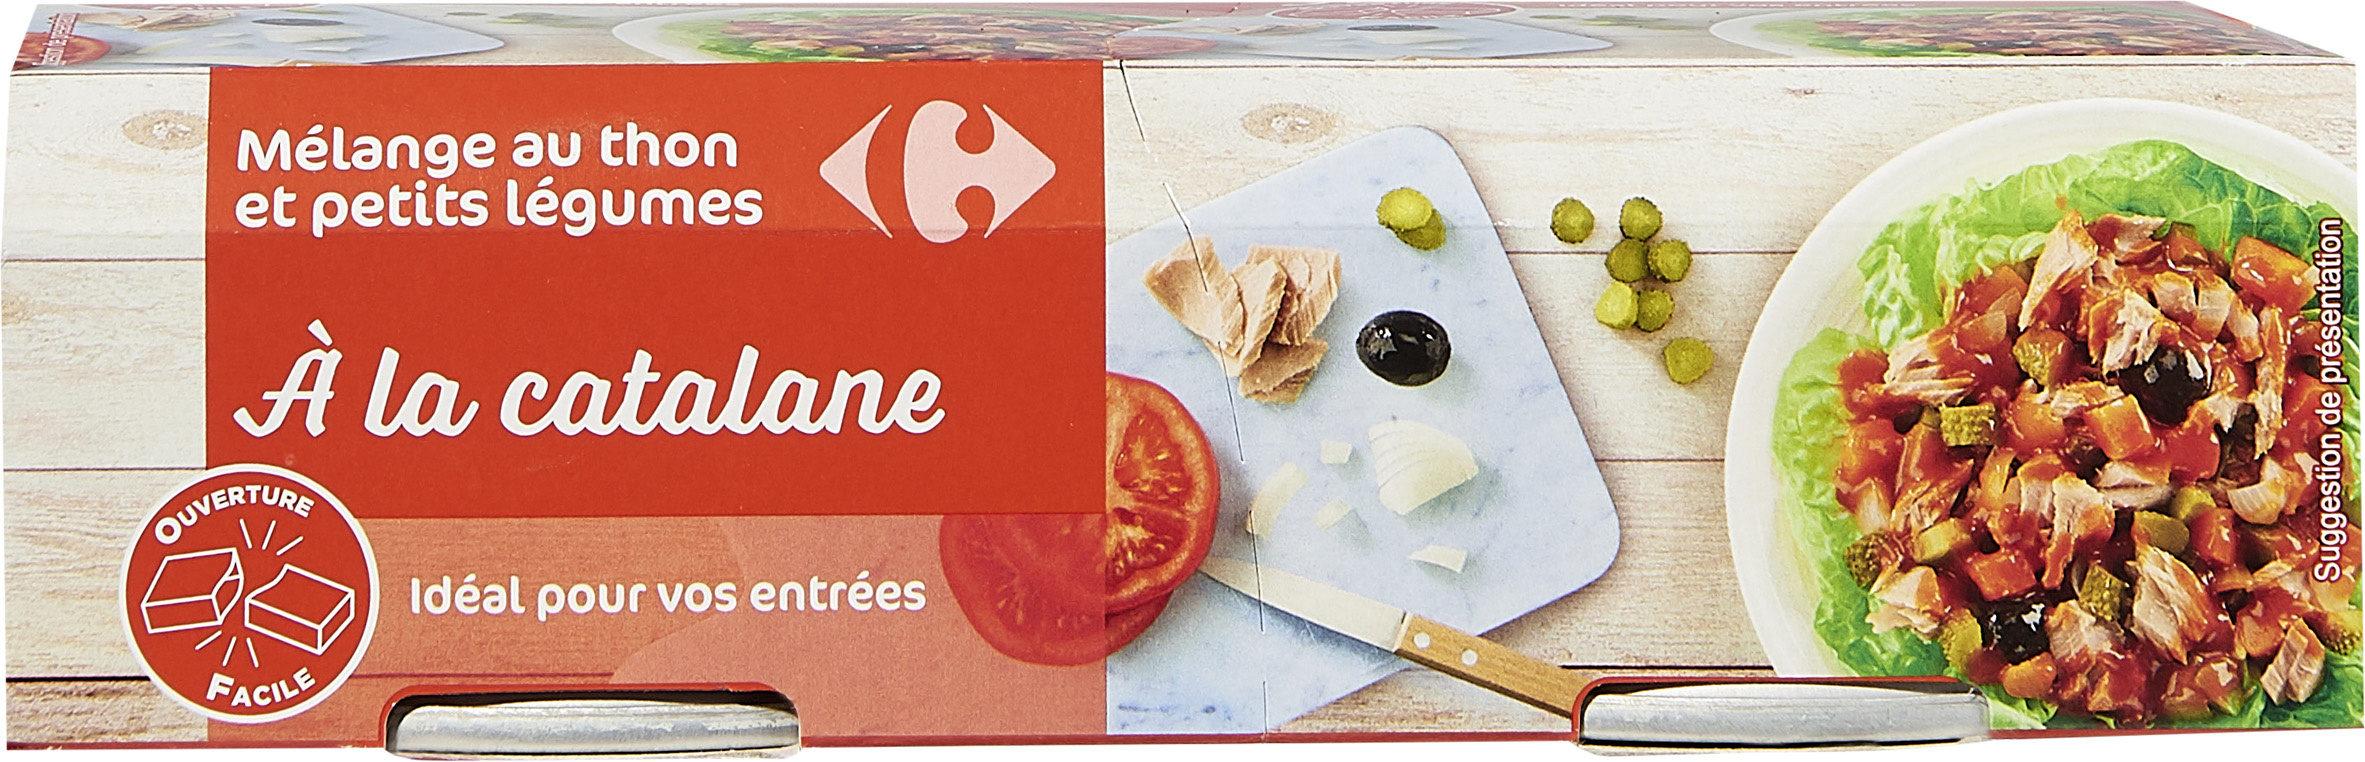 Mélange au thon et petits légumes à la catalane - Produit - fr